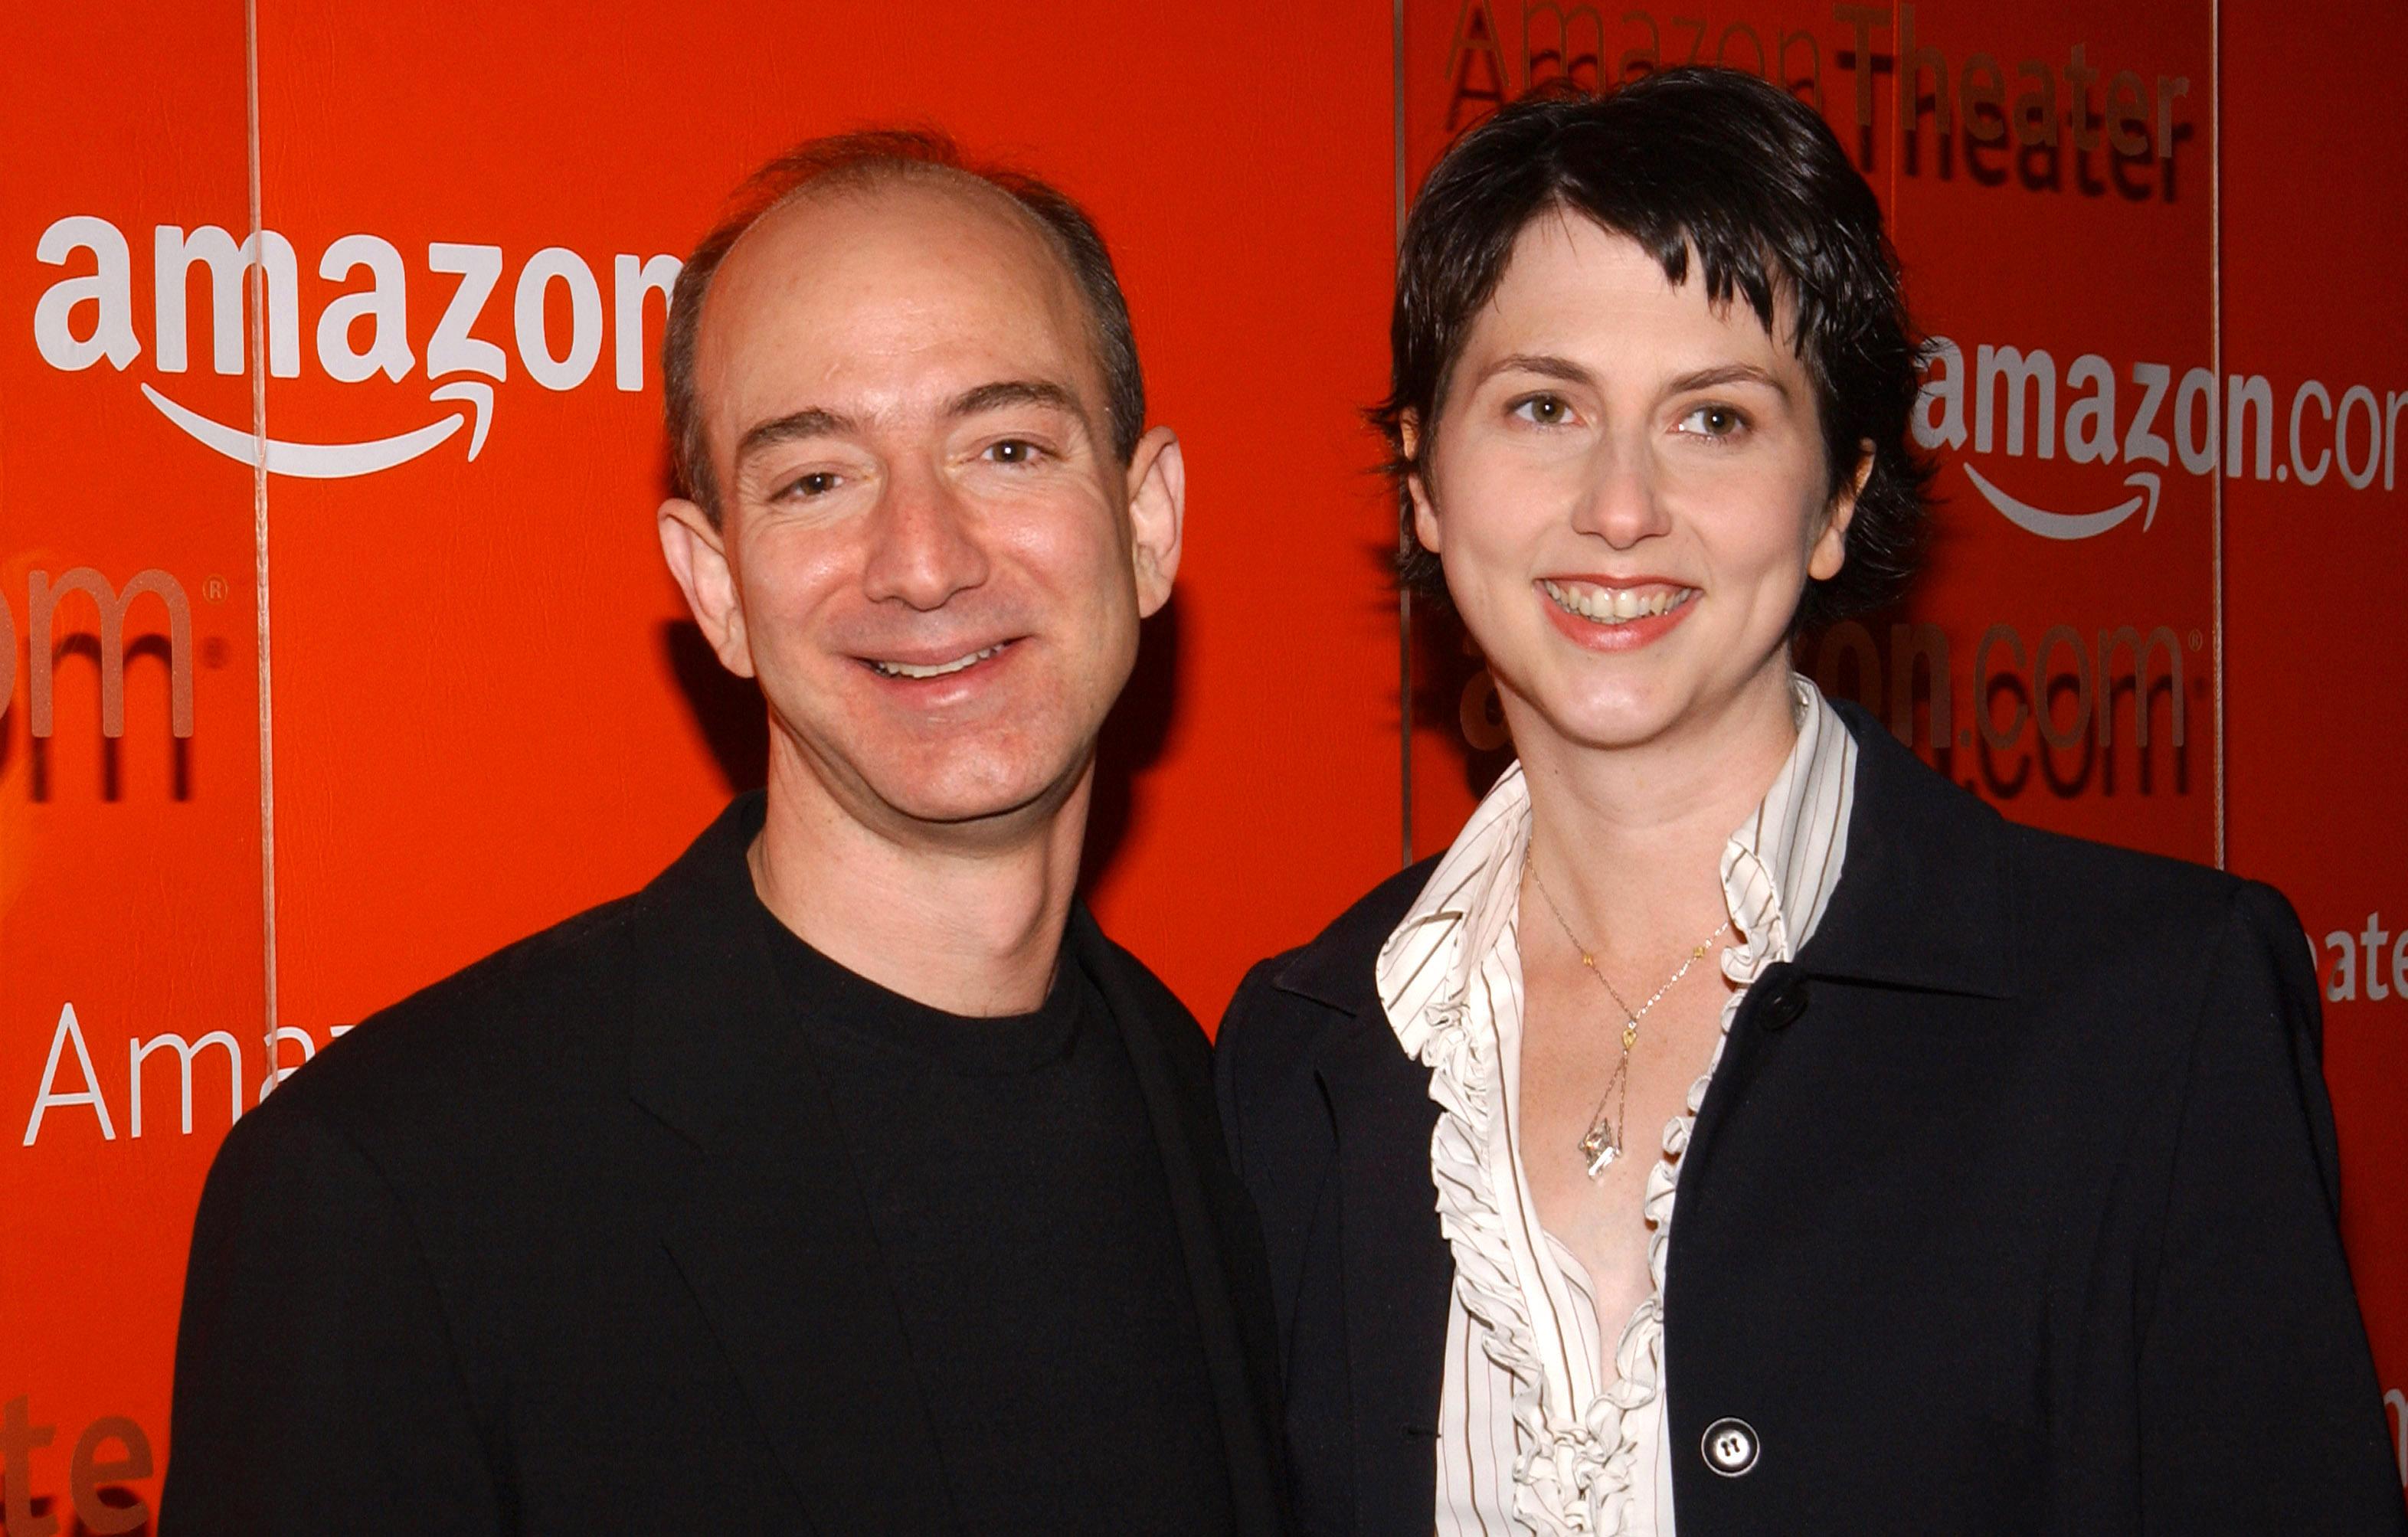 Amazon.com Goes Hollywood for the Holidays - Orange Carpet